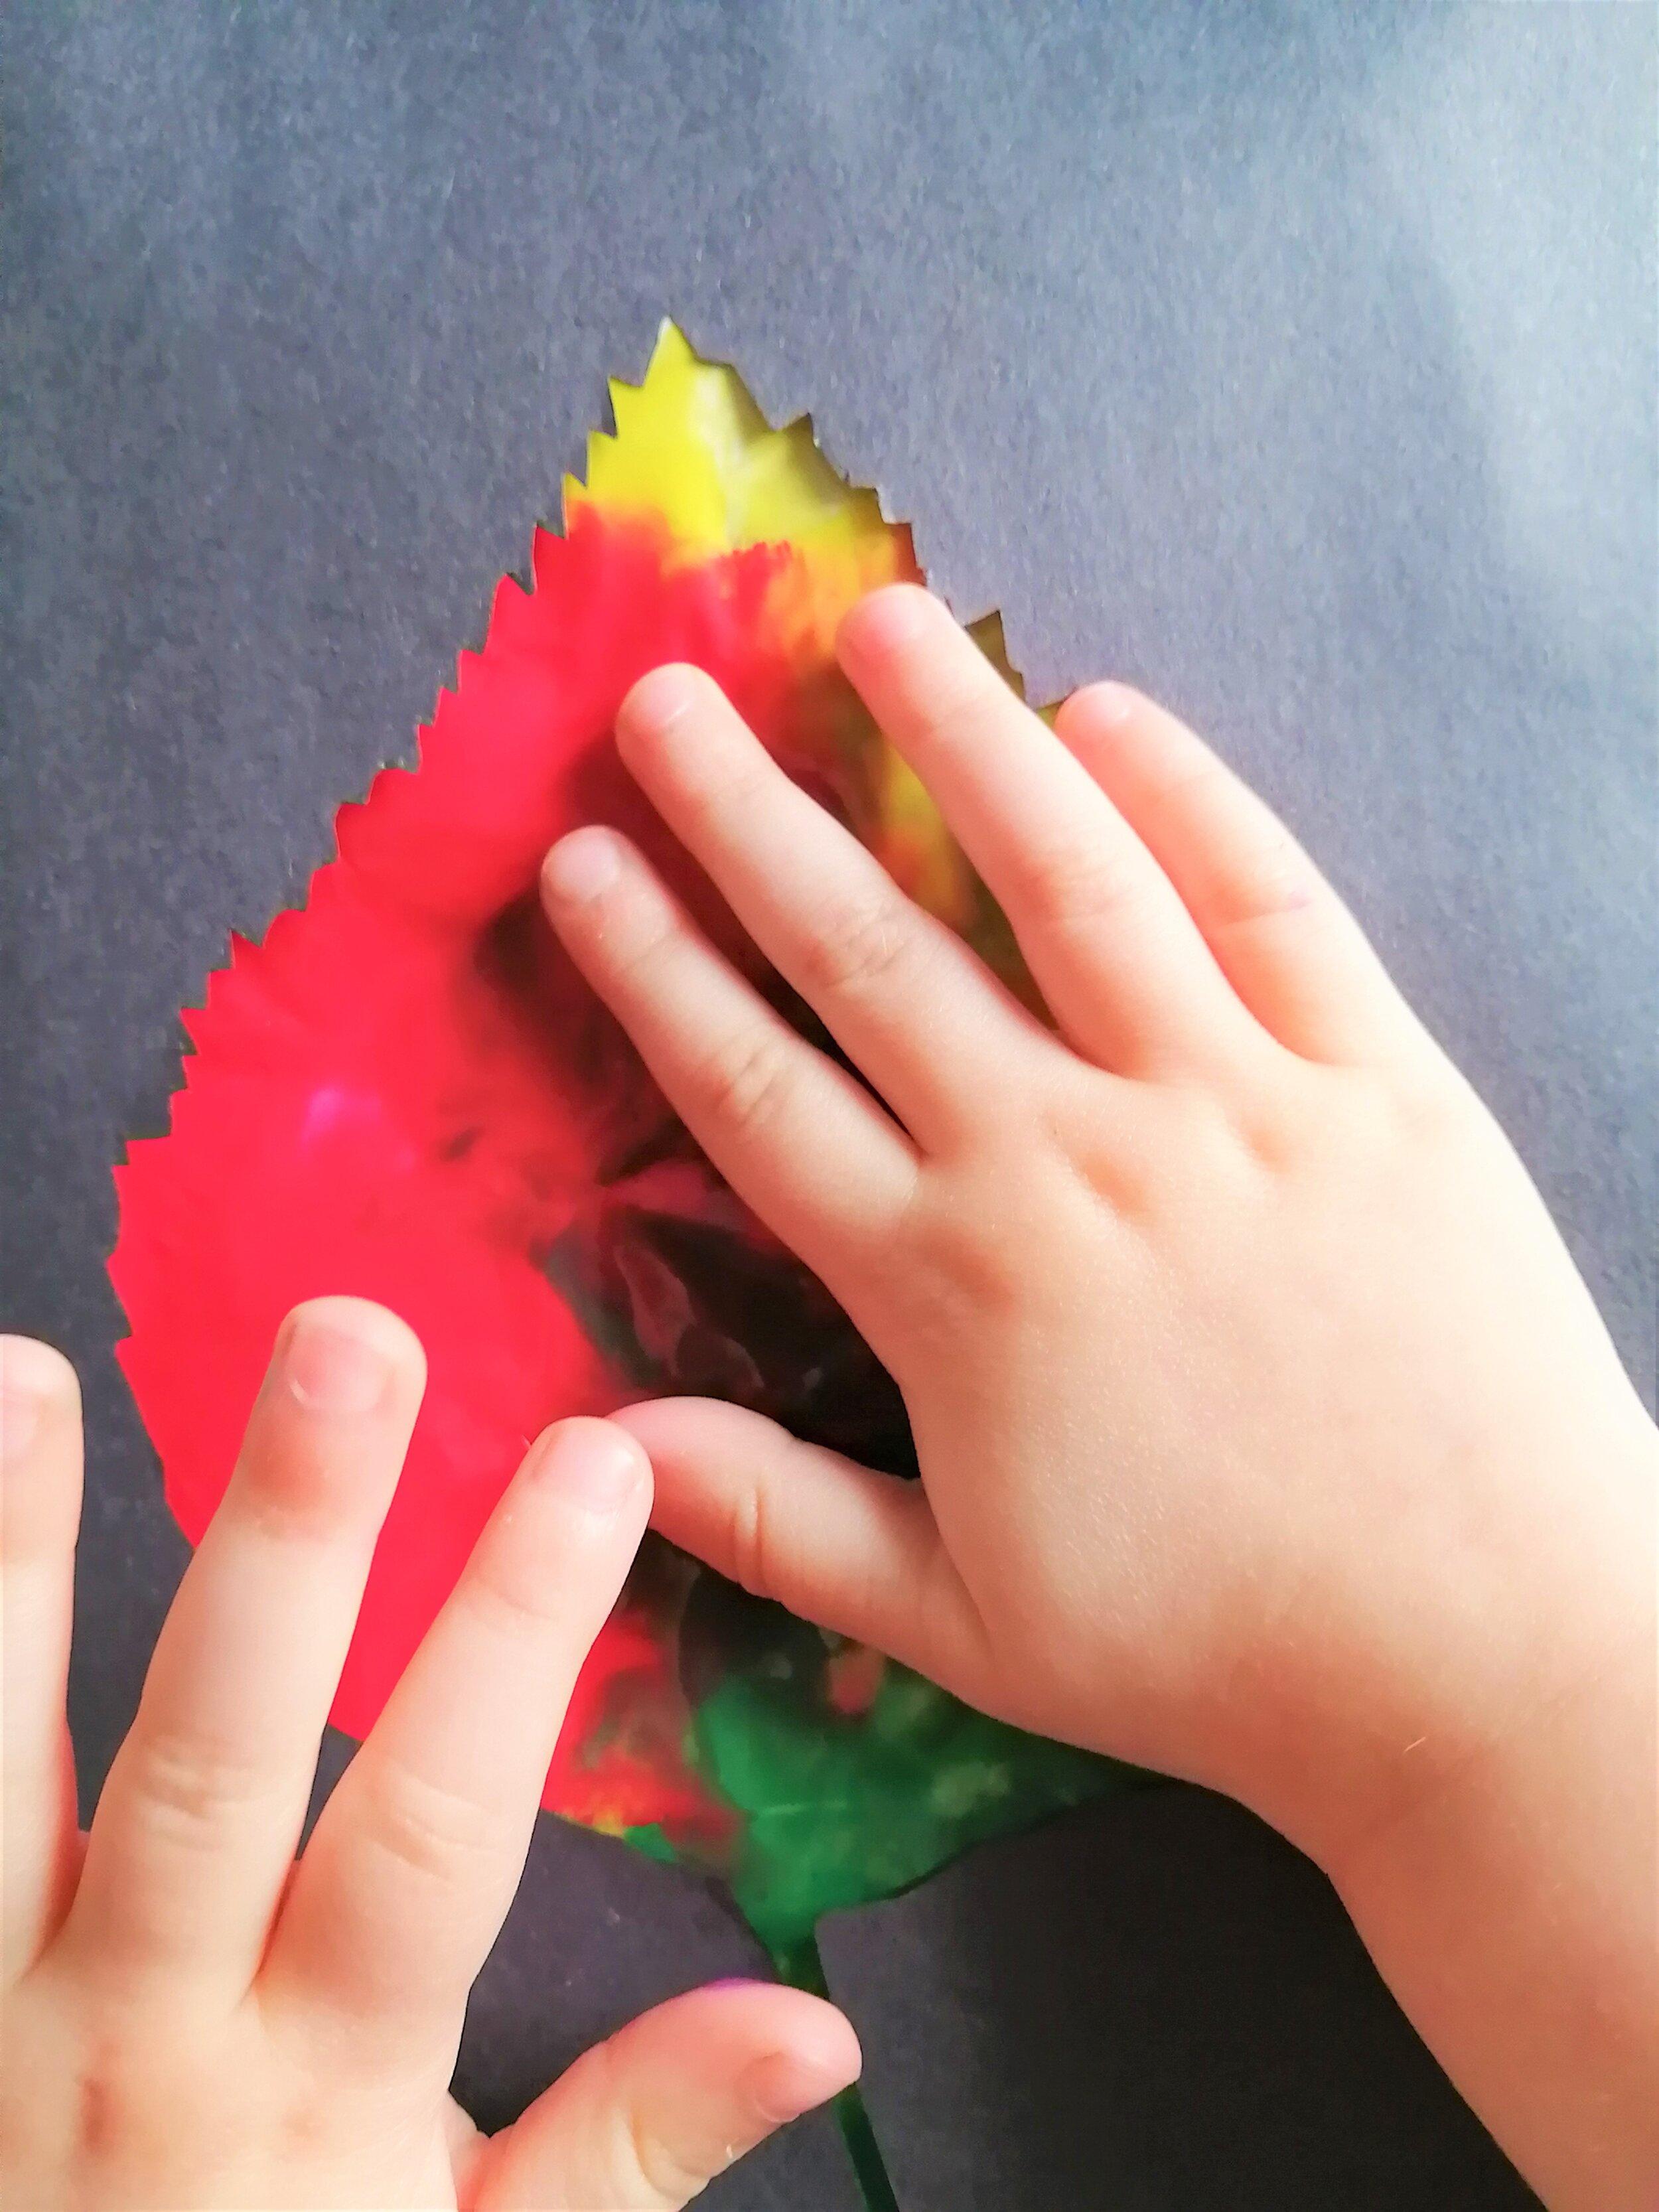 petit-artiste-mélange-couleurs-oeuvre-automnale